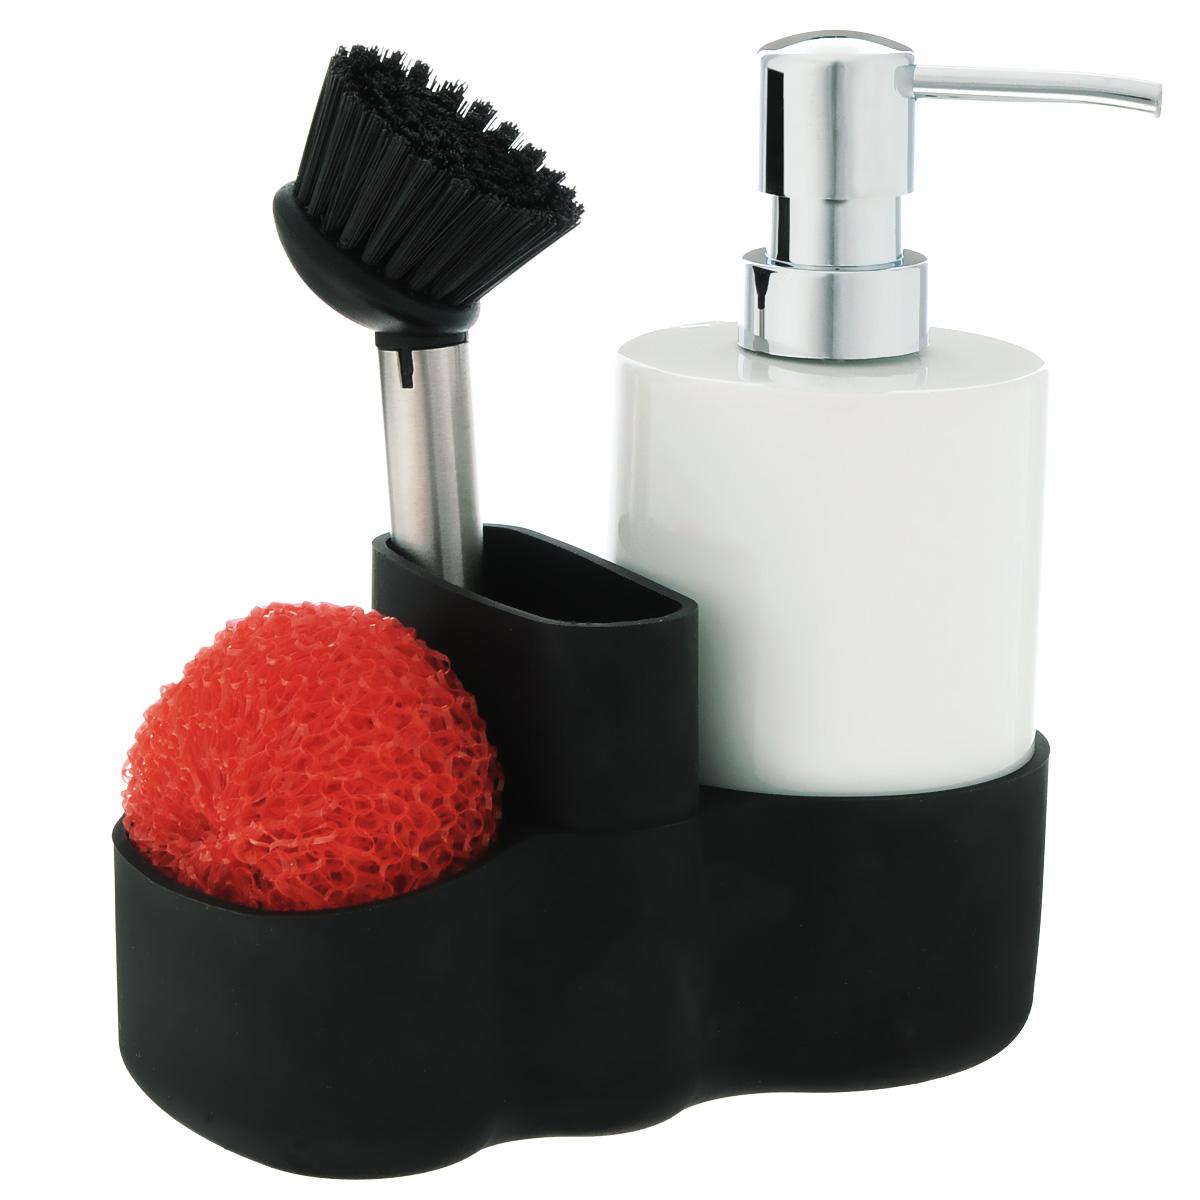 Набор для мытья посуды Iris Barcelona, 4 предмета3056-PНабор для мытья посуды Iris Barcelona состоит из диспенсера для жидкости для мытья посуды, щетки, губки и силиконовой подставки. Диспенсер выполнен из фарфора белого цвета и оснащен пластиковым носиком с покрытием под хром. Предназначен для жидкого мыла или жидкости для мытья посуды. Просто нажмите на носик, и из него выльется дозированное количество жидкости. Красная круглая губка поможет очистить застарелые засохшие загрязнения. Ручная щетка оснащена жестким нейлоновым ворсом, который поможет легко очистить загрязнения с любых видов посуды. Для предметов в наборе предусмотрена удобная силиконовая подставка. Такой набор не только послужит вам функционально, но и стильно дополнит интерьер кухни. Высота диспенсера: 18 см. Диаметр диспенсера: 7 см. Диаметр губки: 8 см. Длина щетки: 18 см. Диаметр рабочей поверхности щетки: 5 см. Размер подставки: 16 см х 8 см х 9 см.